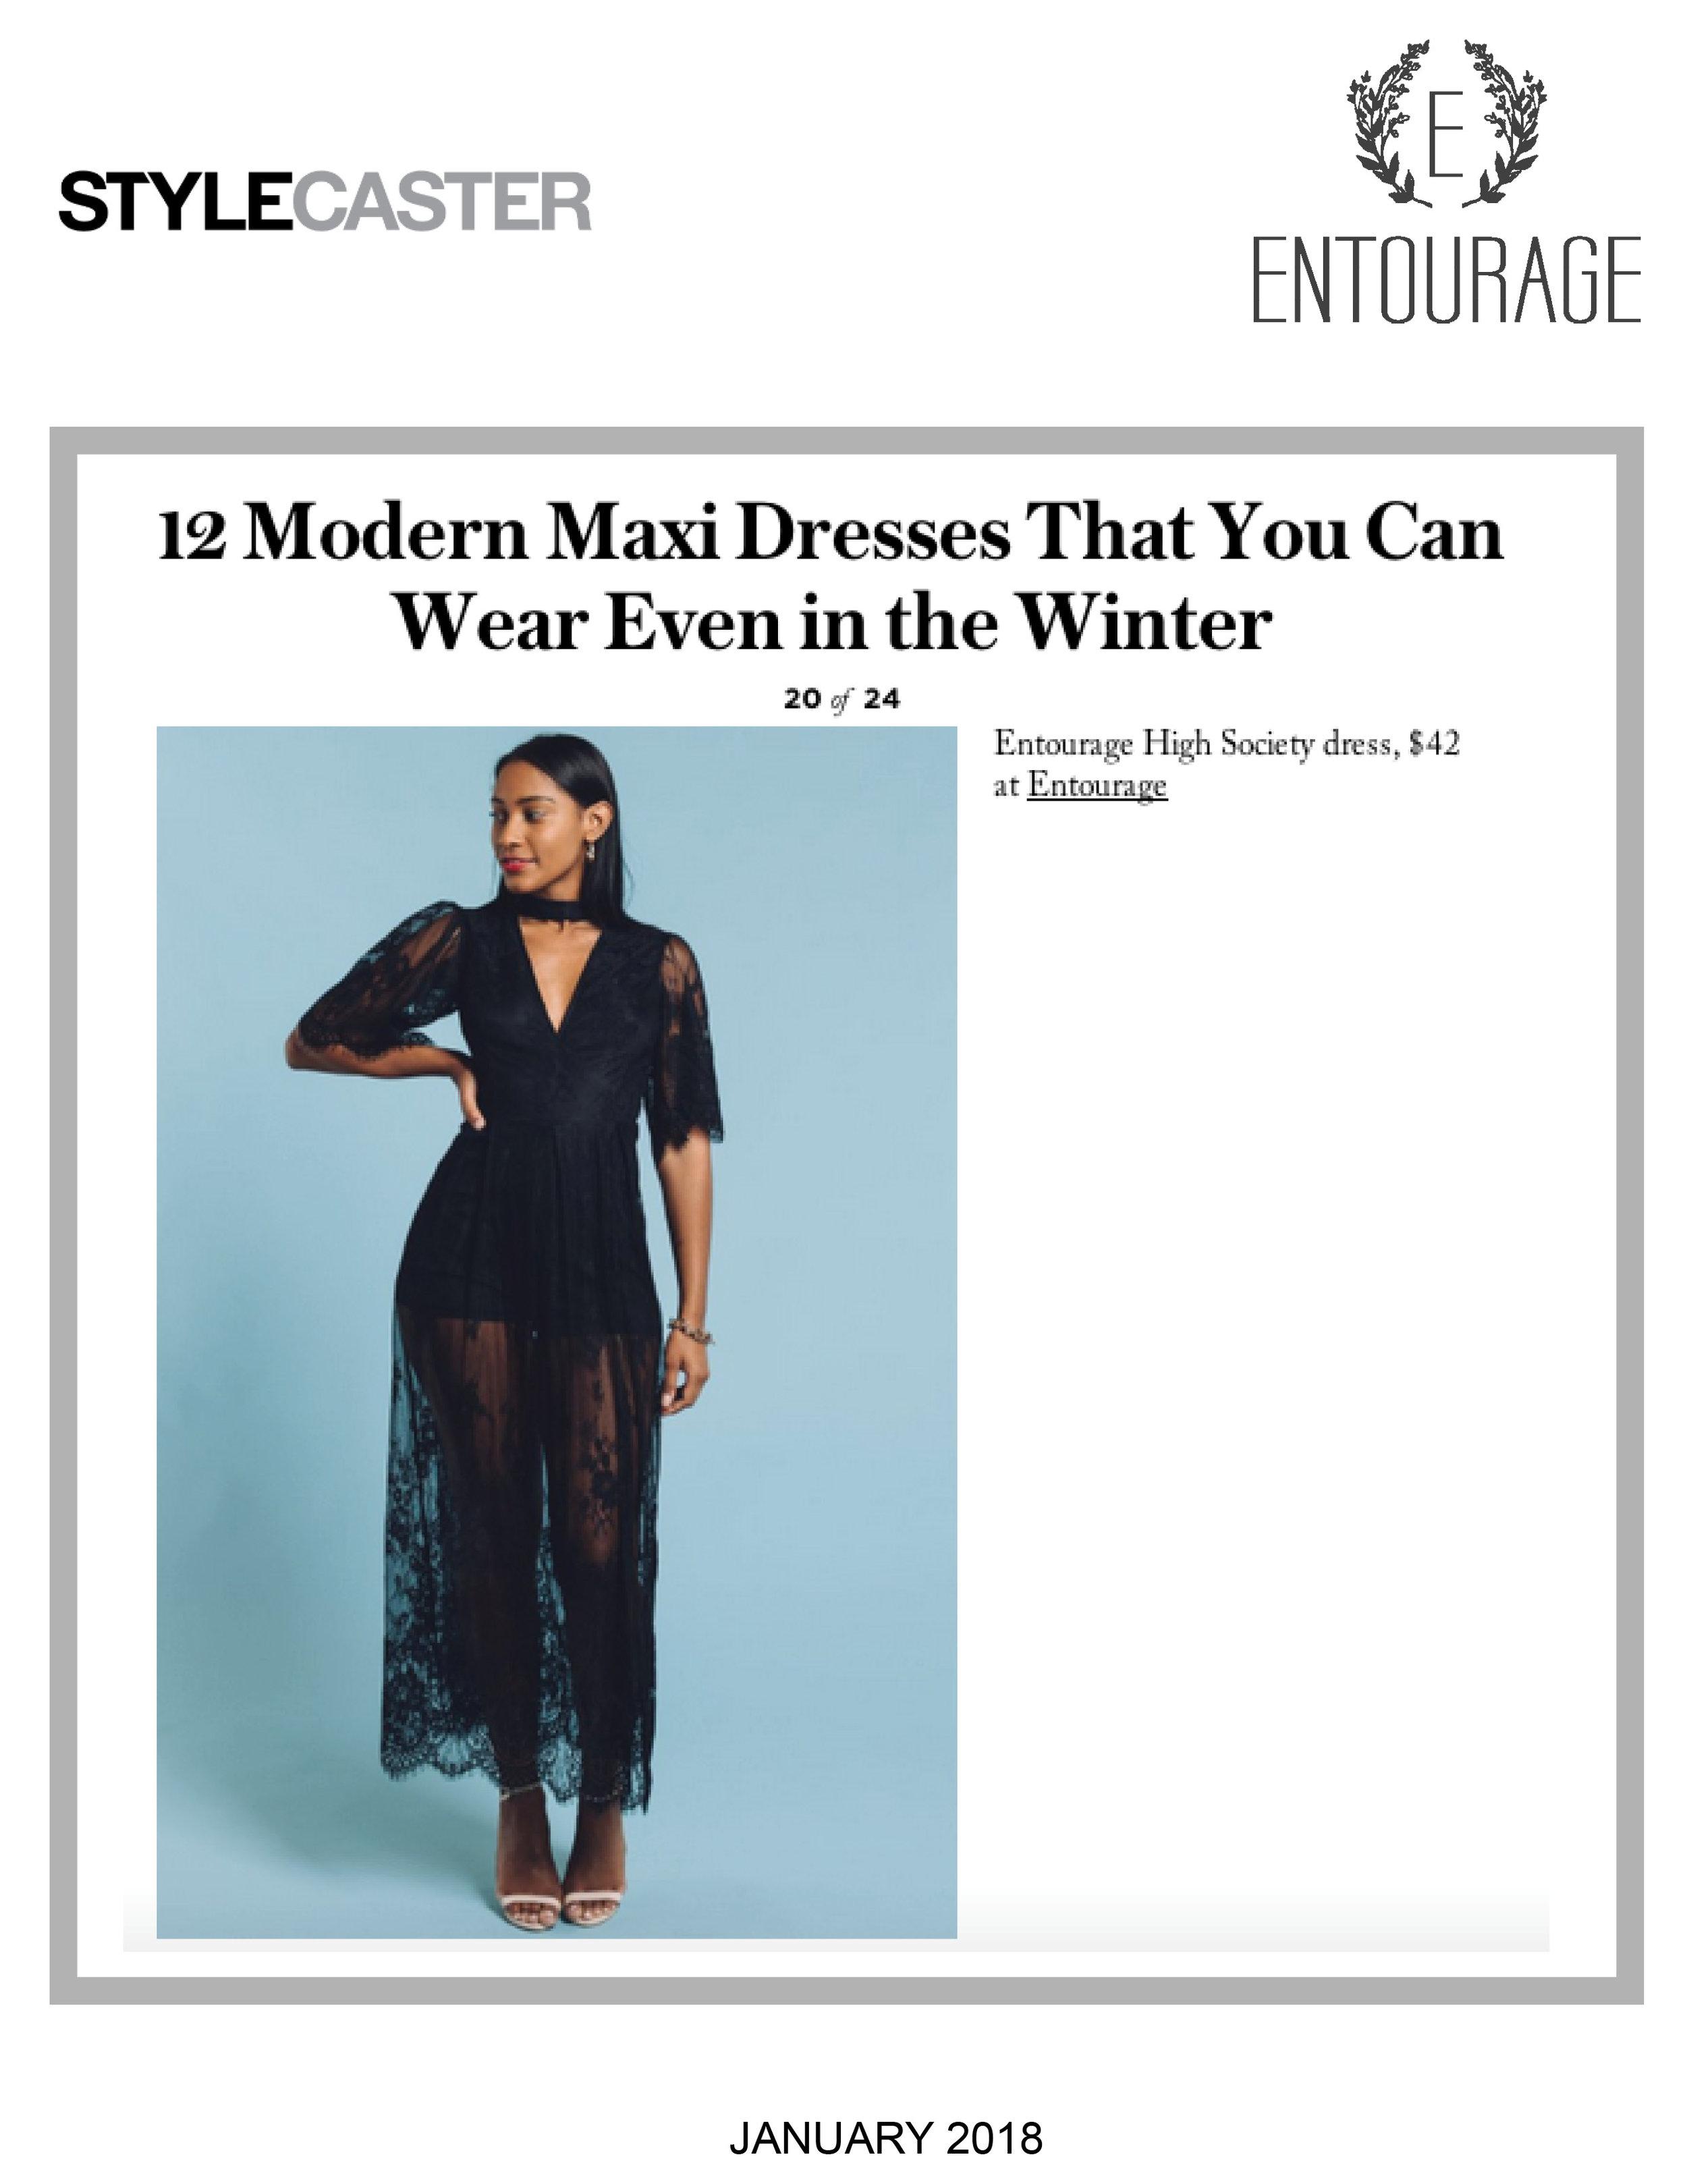 Entourage_StyleCaster_January2018.jpg